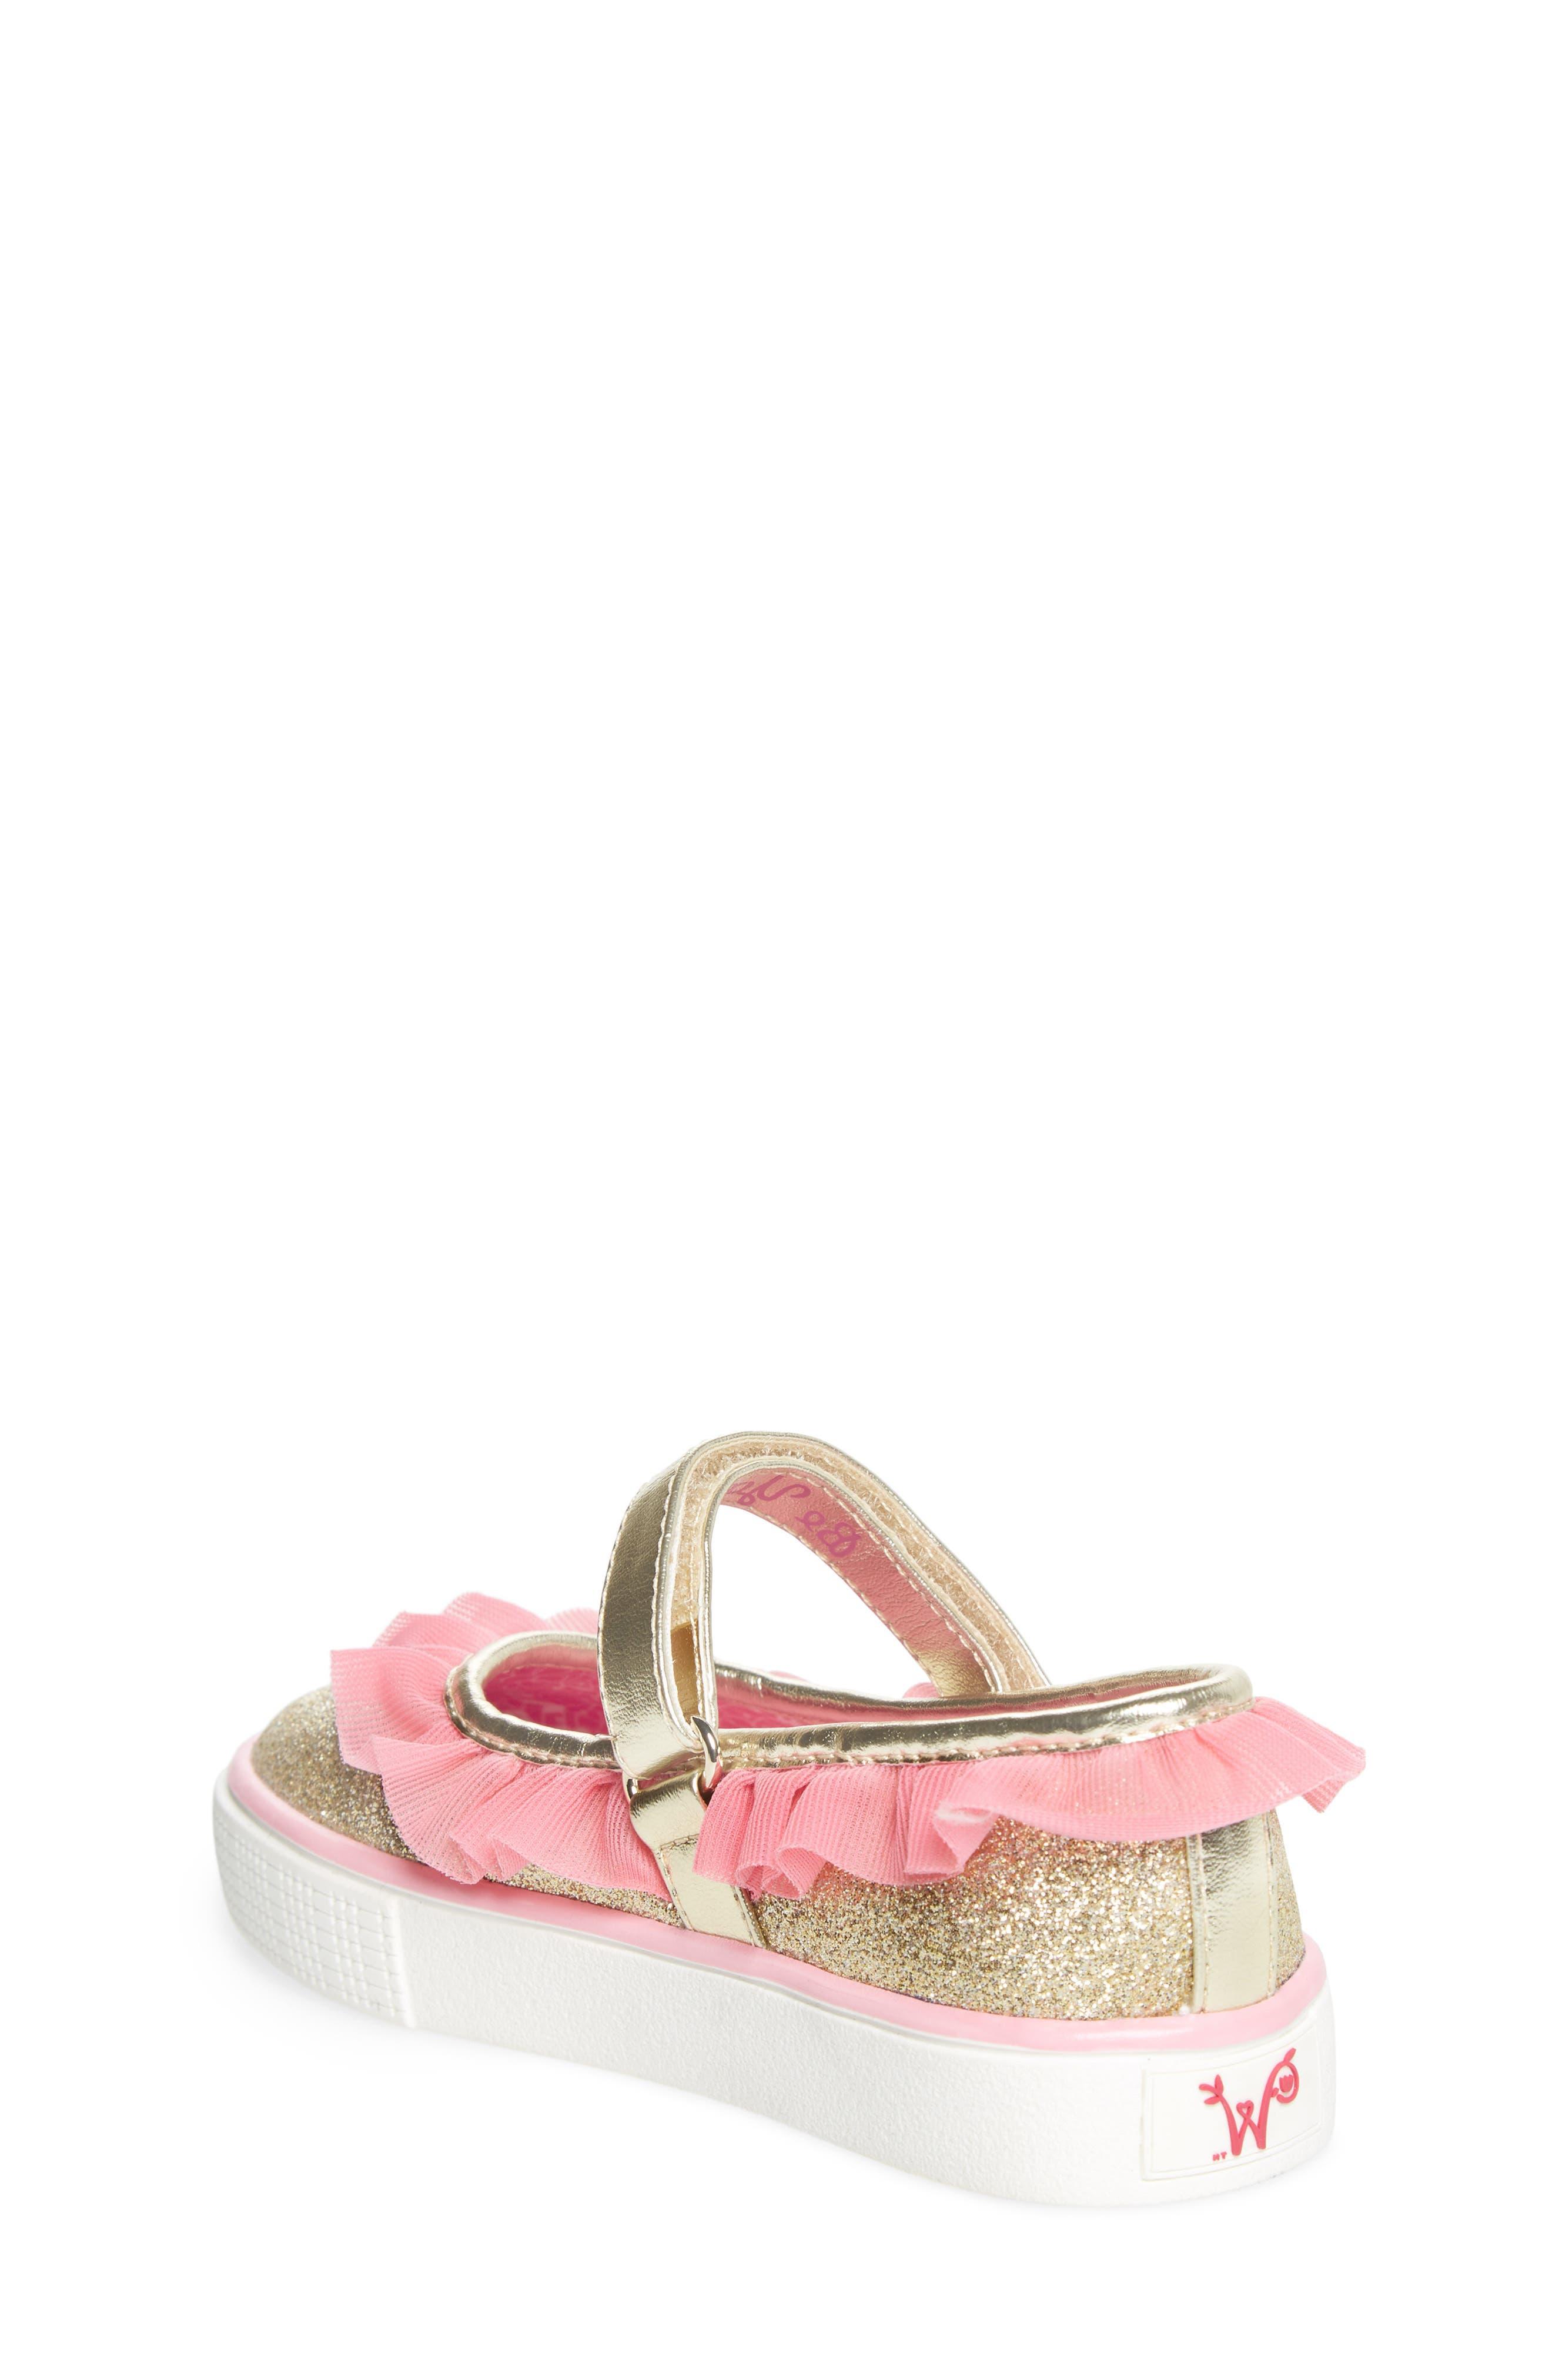 Ashlyn Tulle Mary Jane Sneaker,                             Alternate thumbnail 2, color,                             Gold